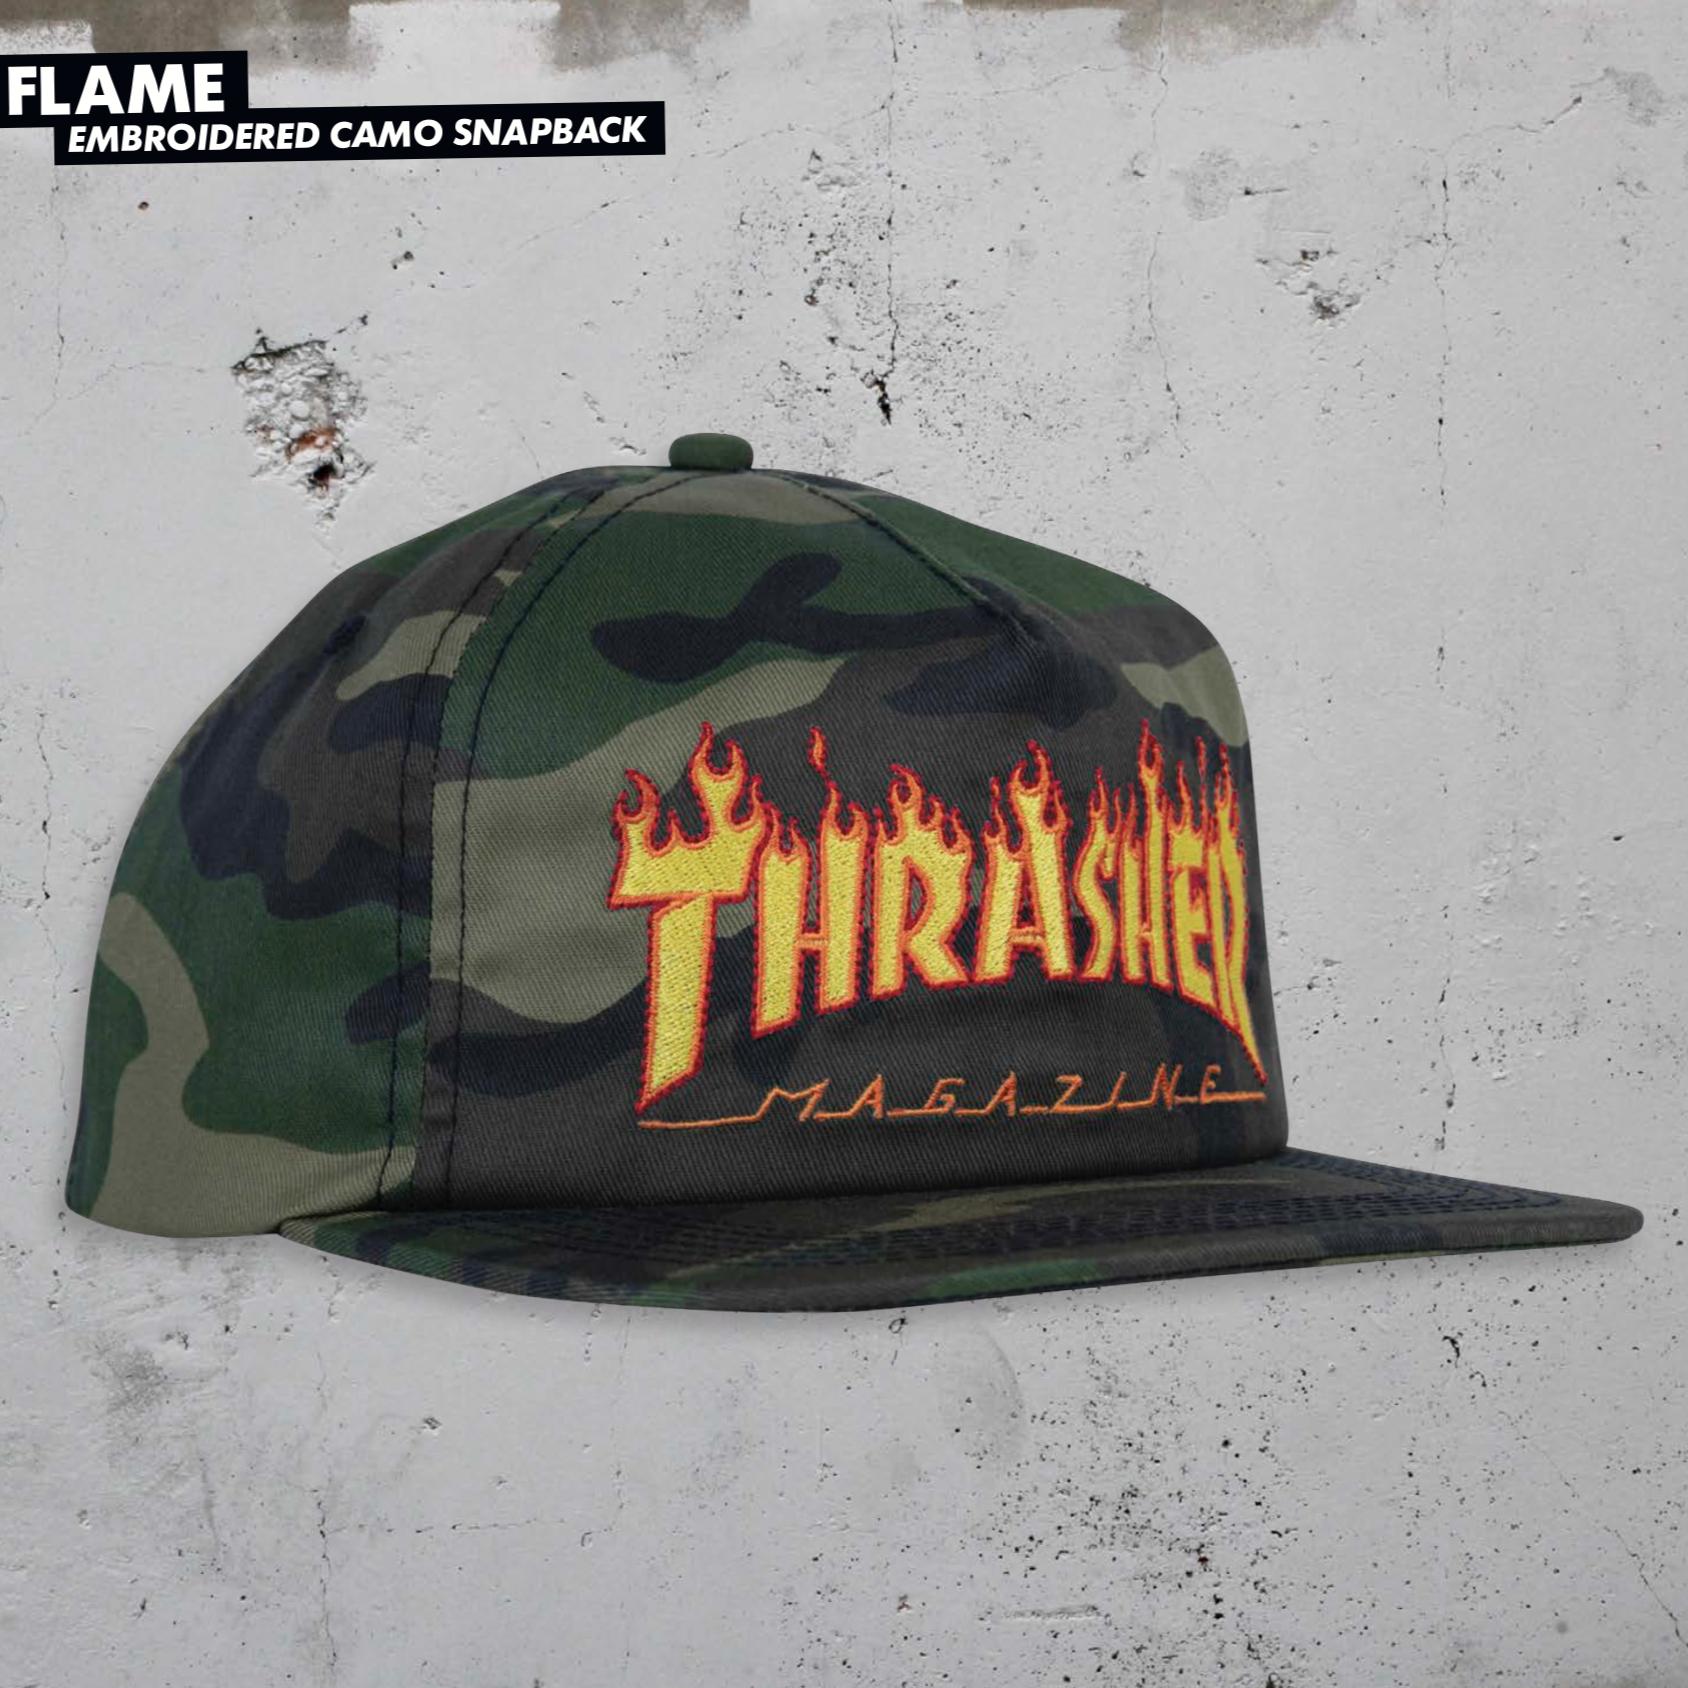 Thrasher Mag. Flame Snapback Camo